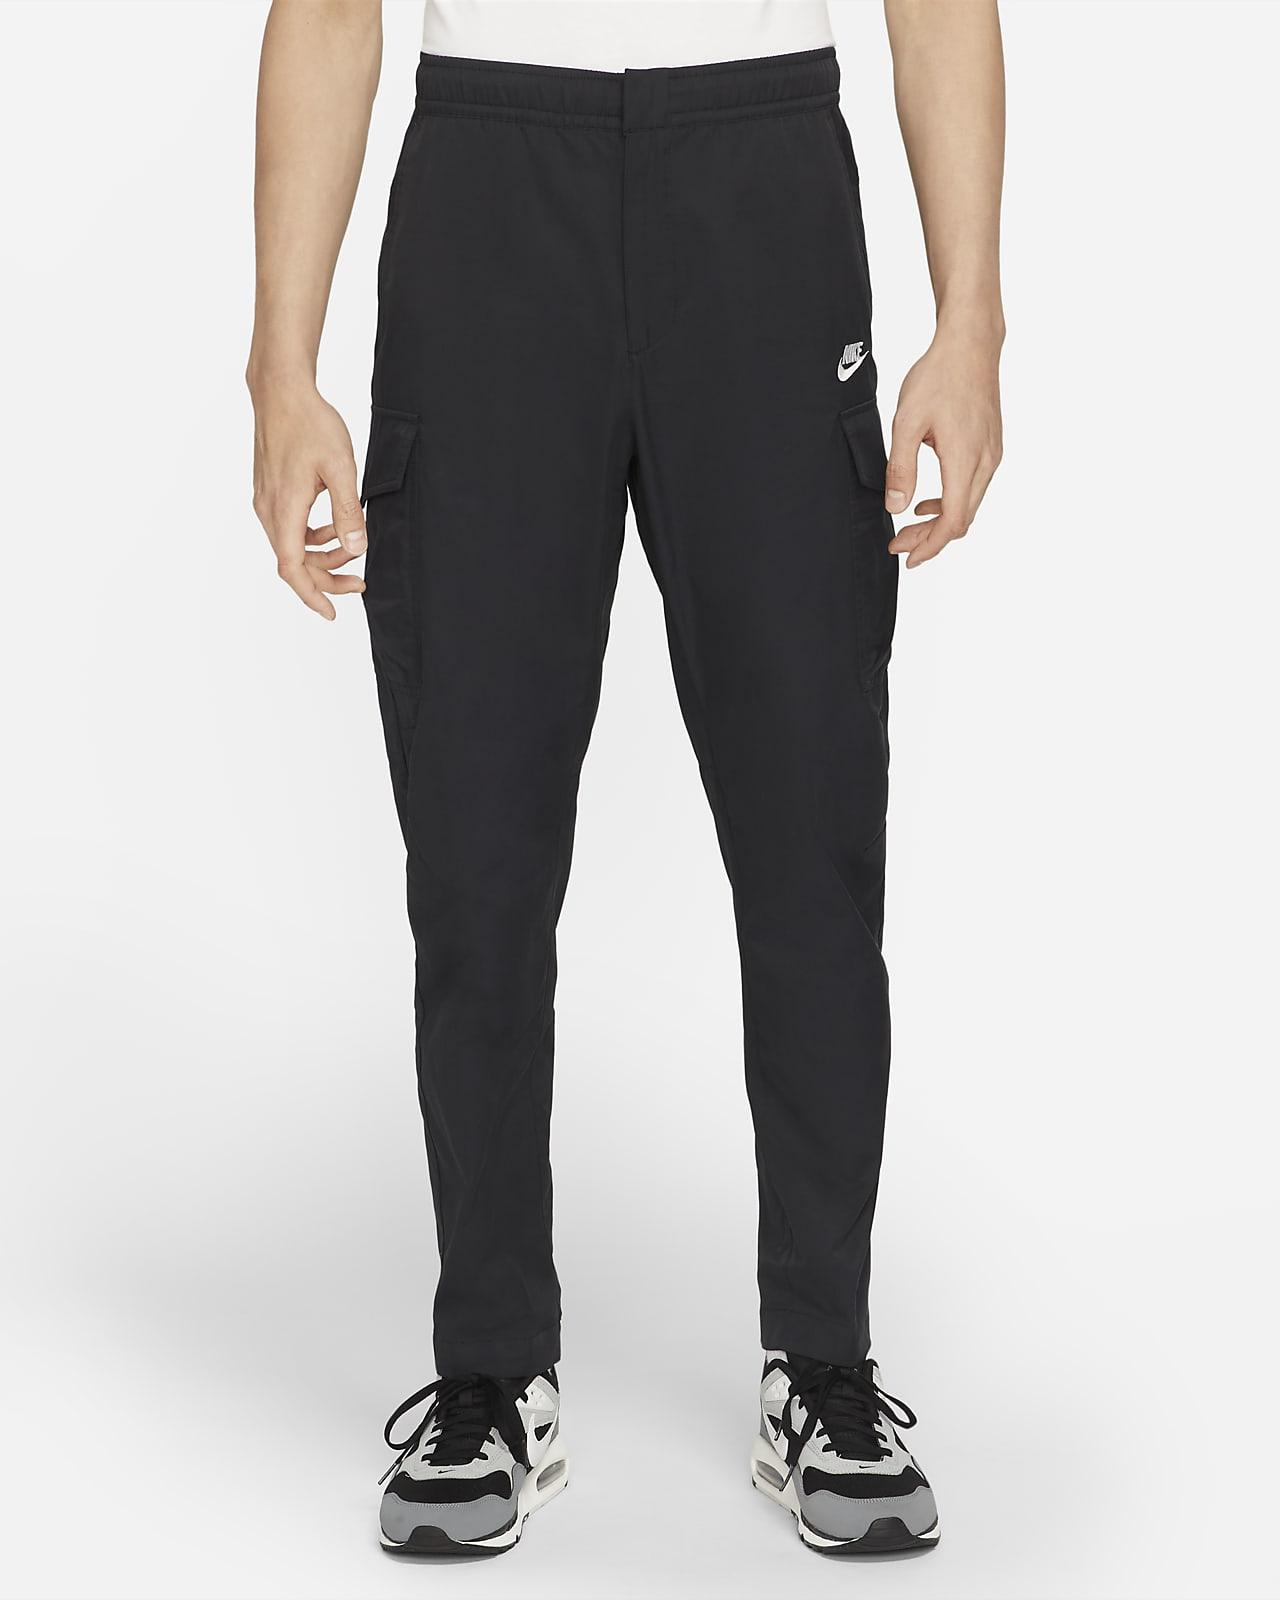 Nike Sportswear Men's Unlined Utility Cargo Trousers